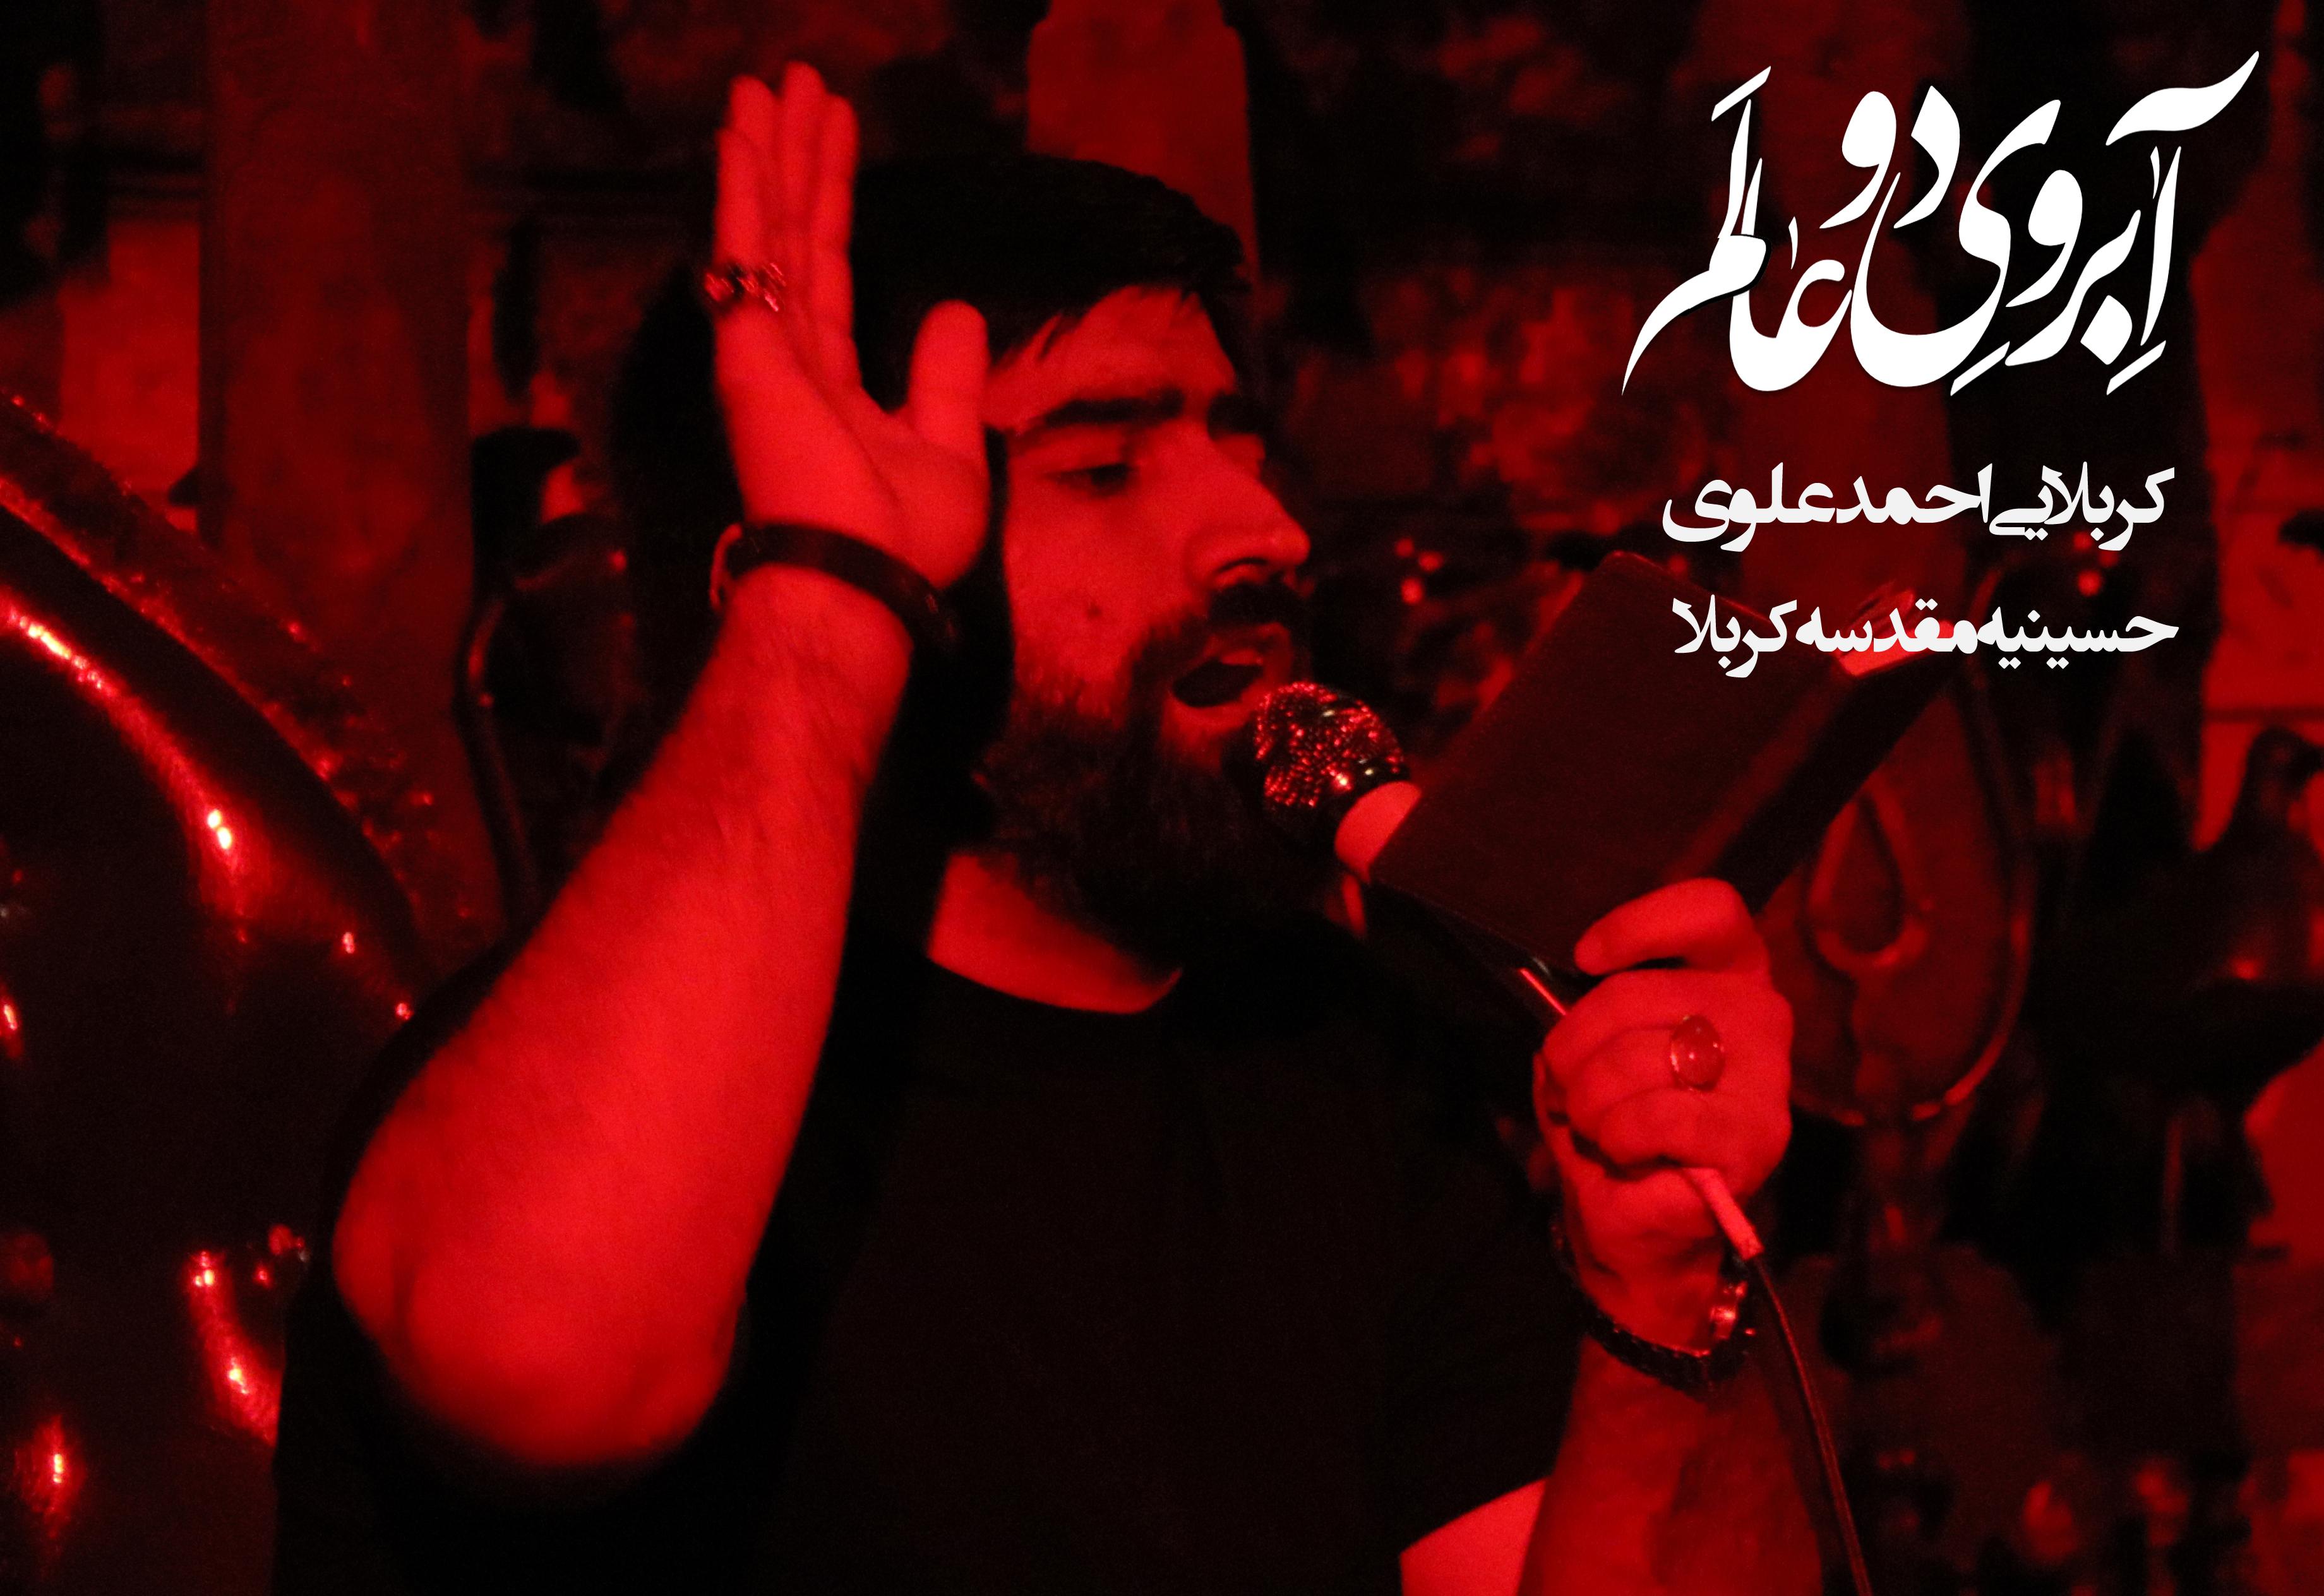 کربلایی احمد علوی شب اول محرم 96 - حسینیه مقدسه کربلا اندیمشک